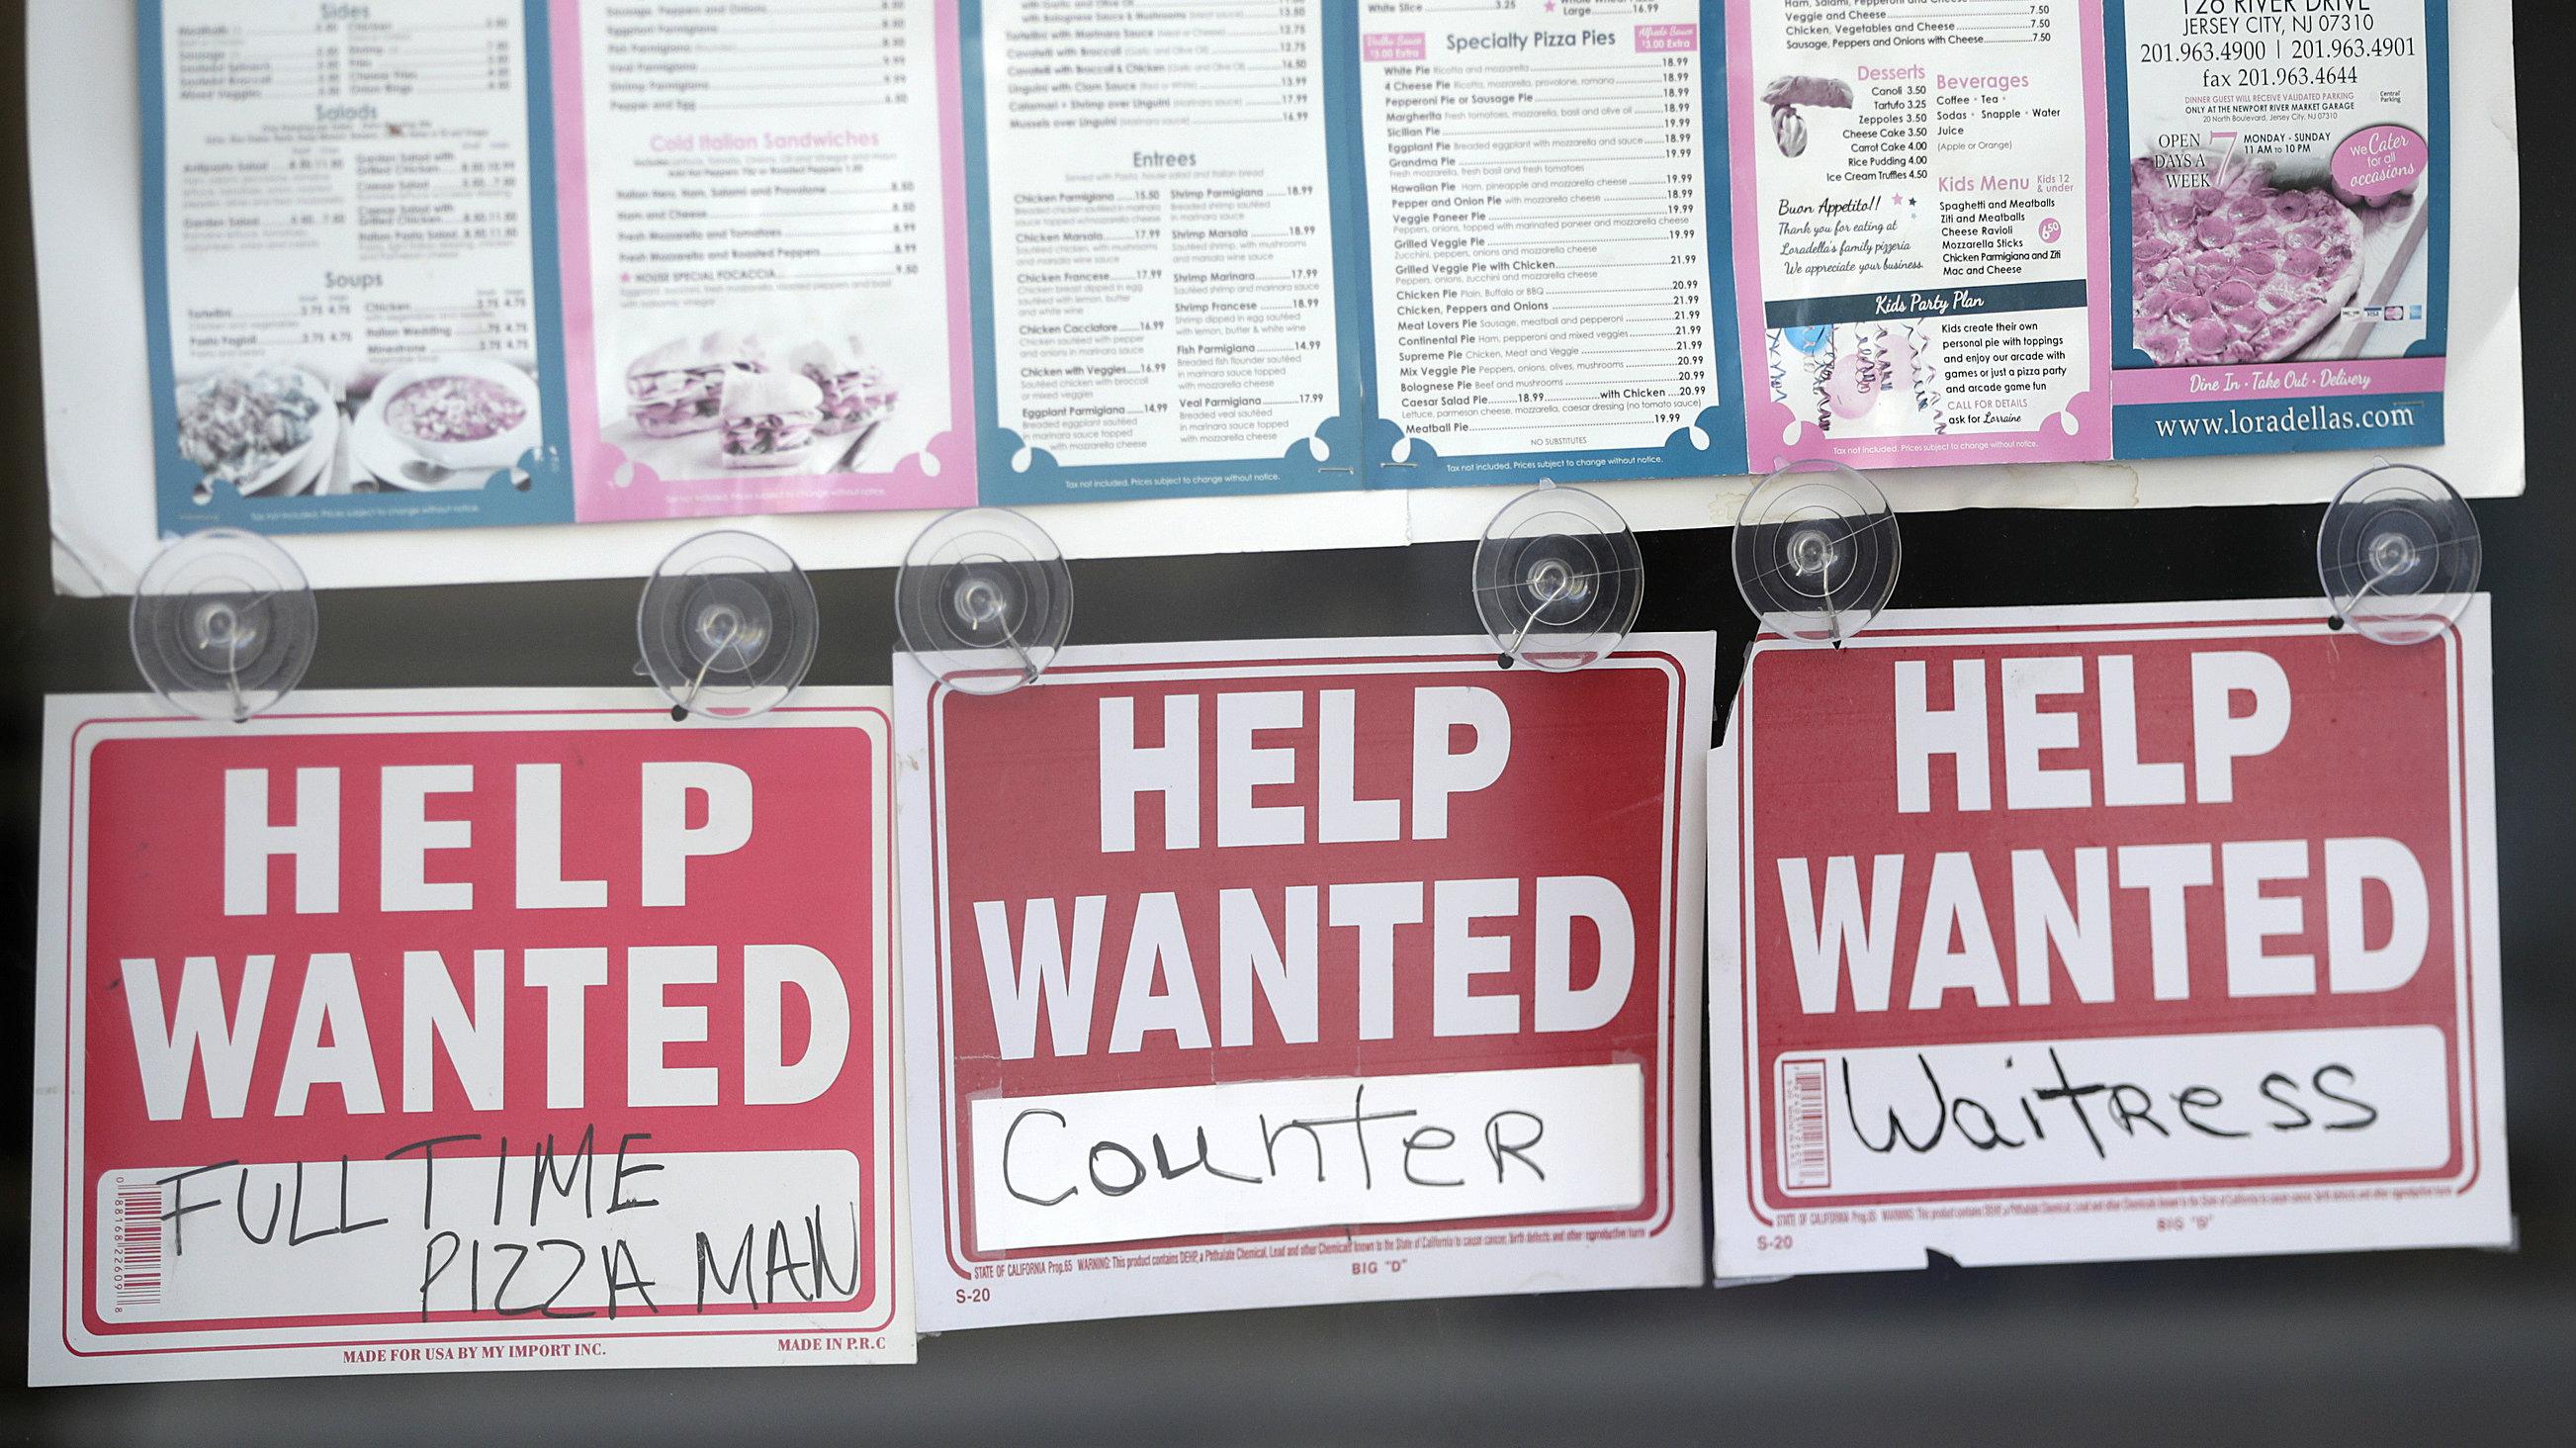 Help wanted signs hang below menus at a restaurant